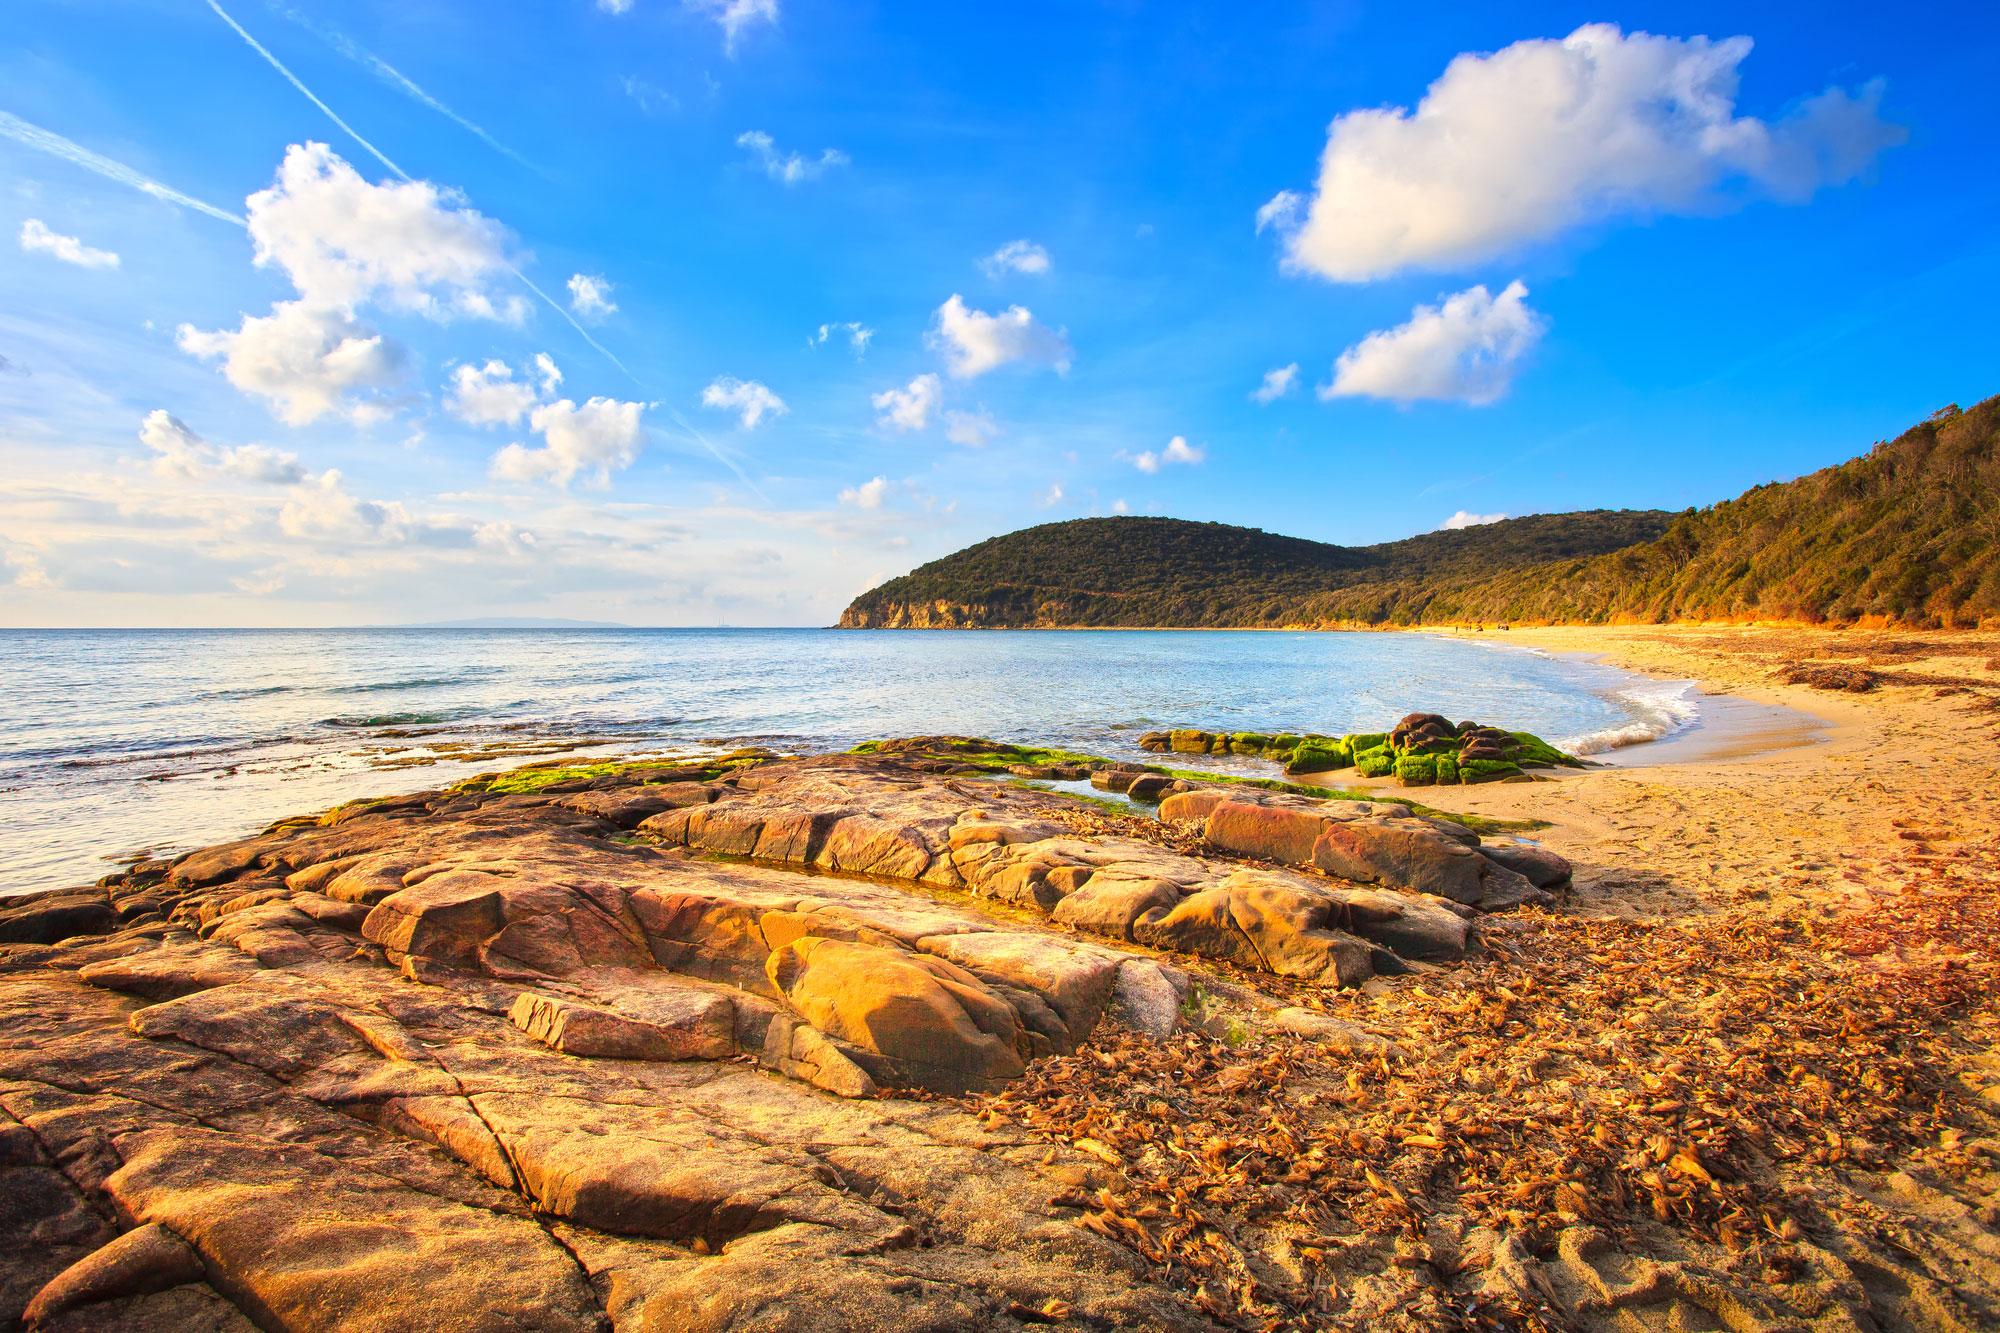 Costa e collina del litorale toscano